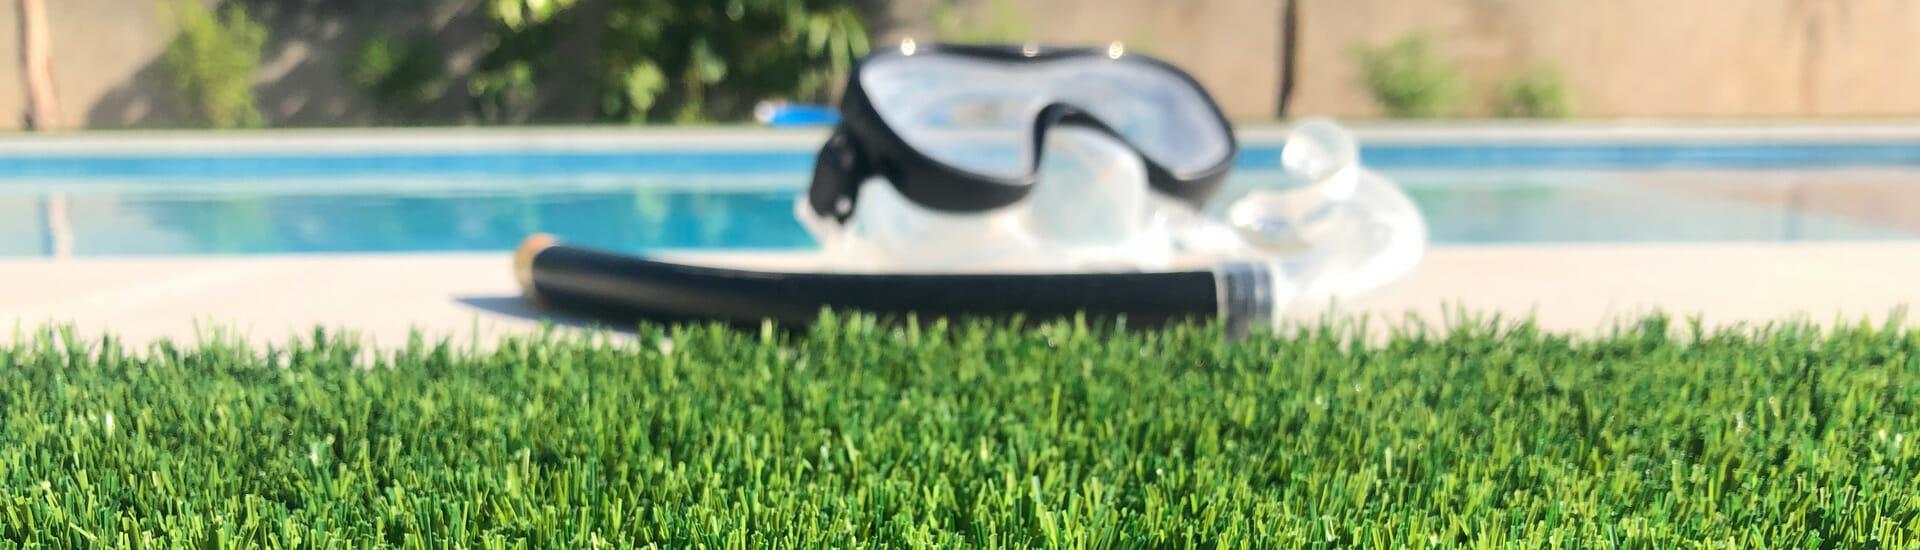 Gafas de buceo y piscina